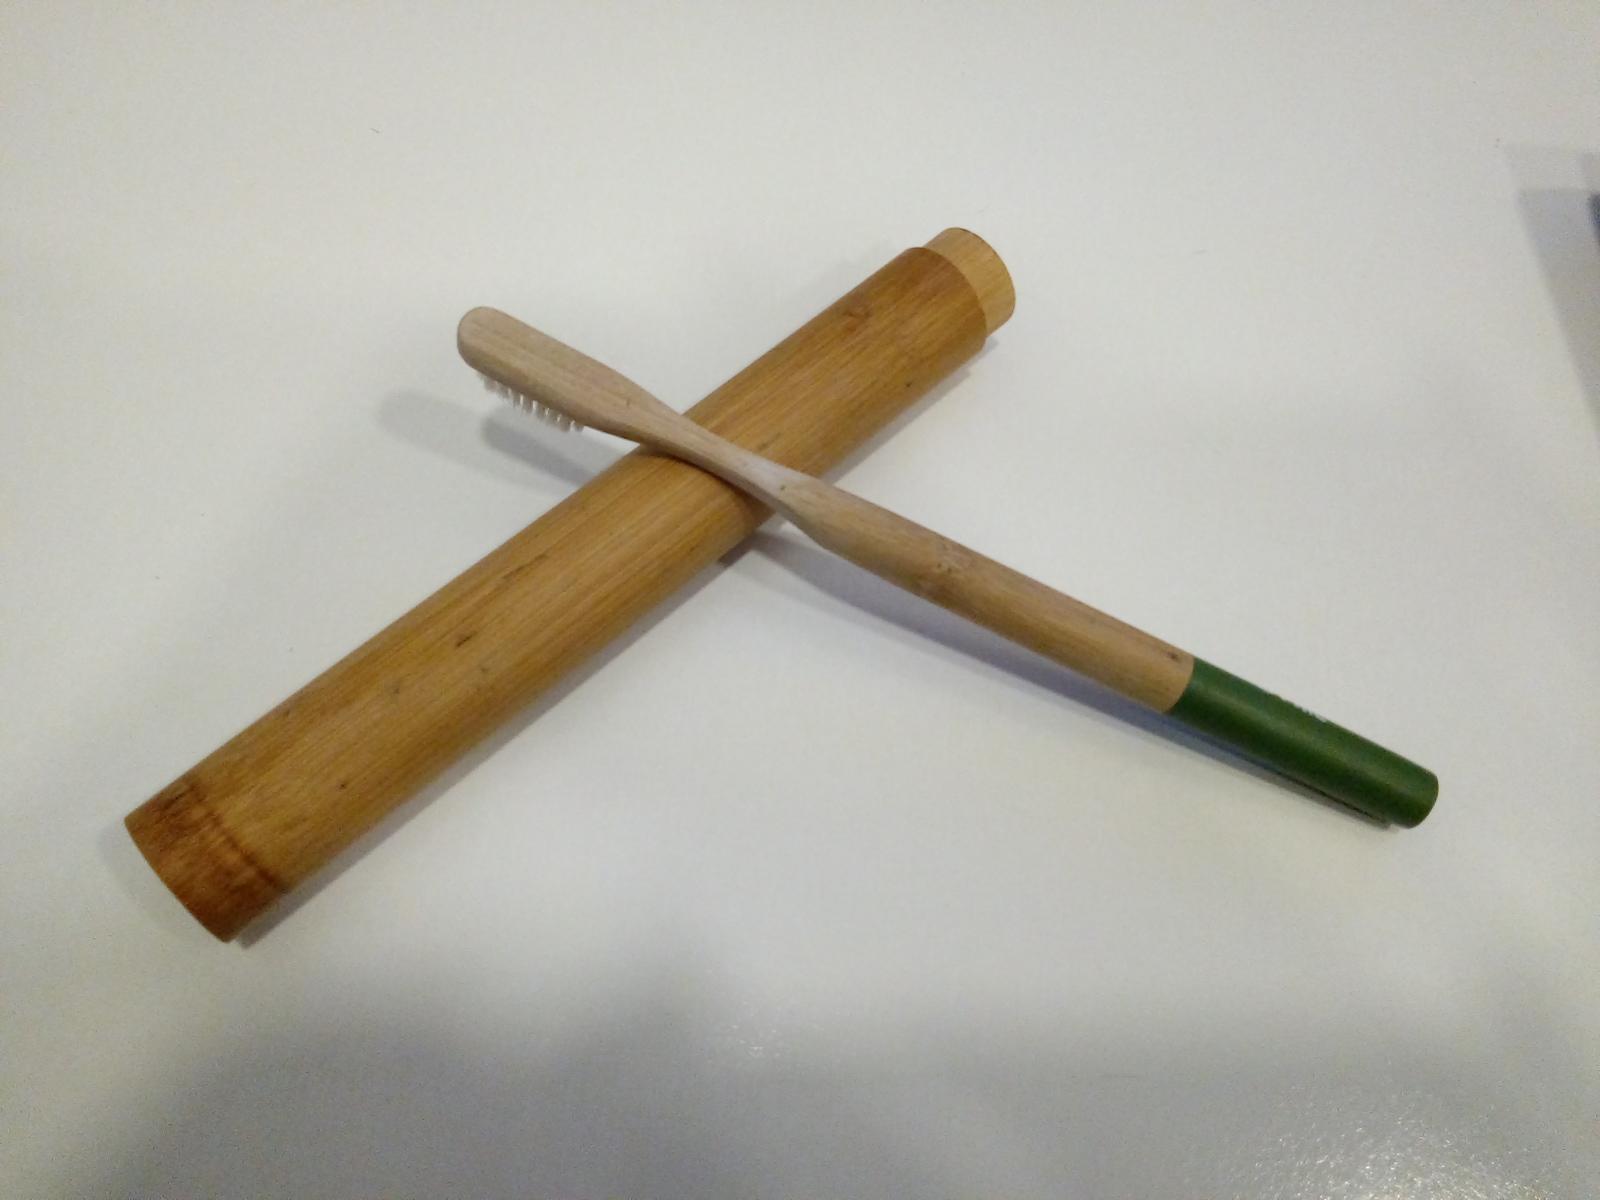 Cepillo de bambú dónde se tira